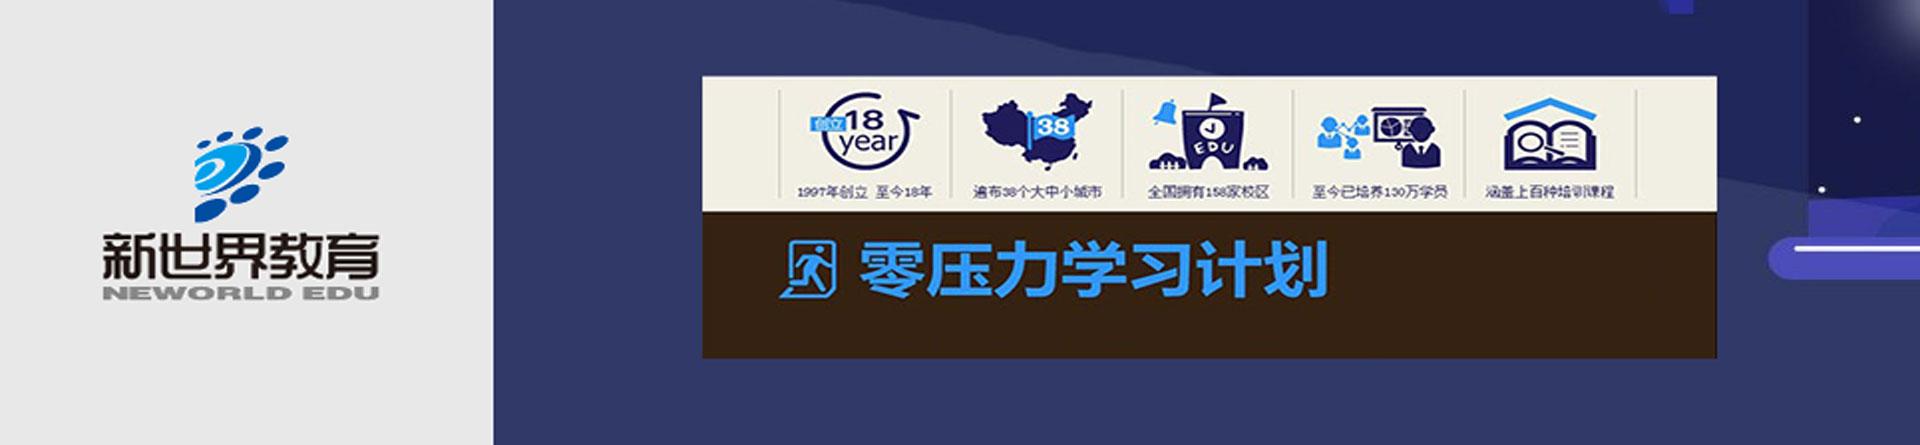 郑州新世界教育